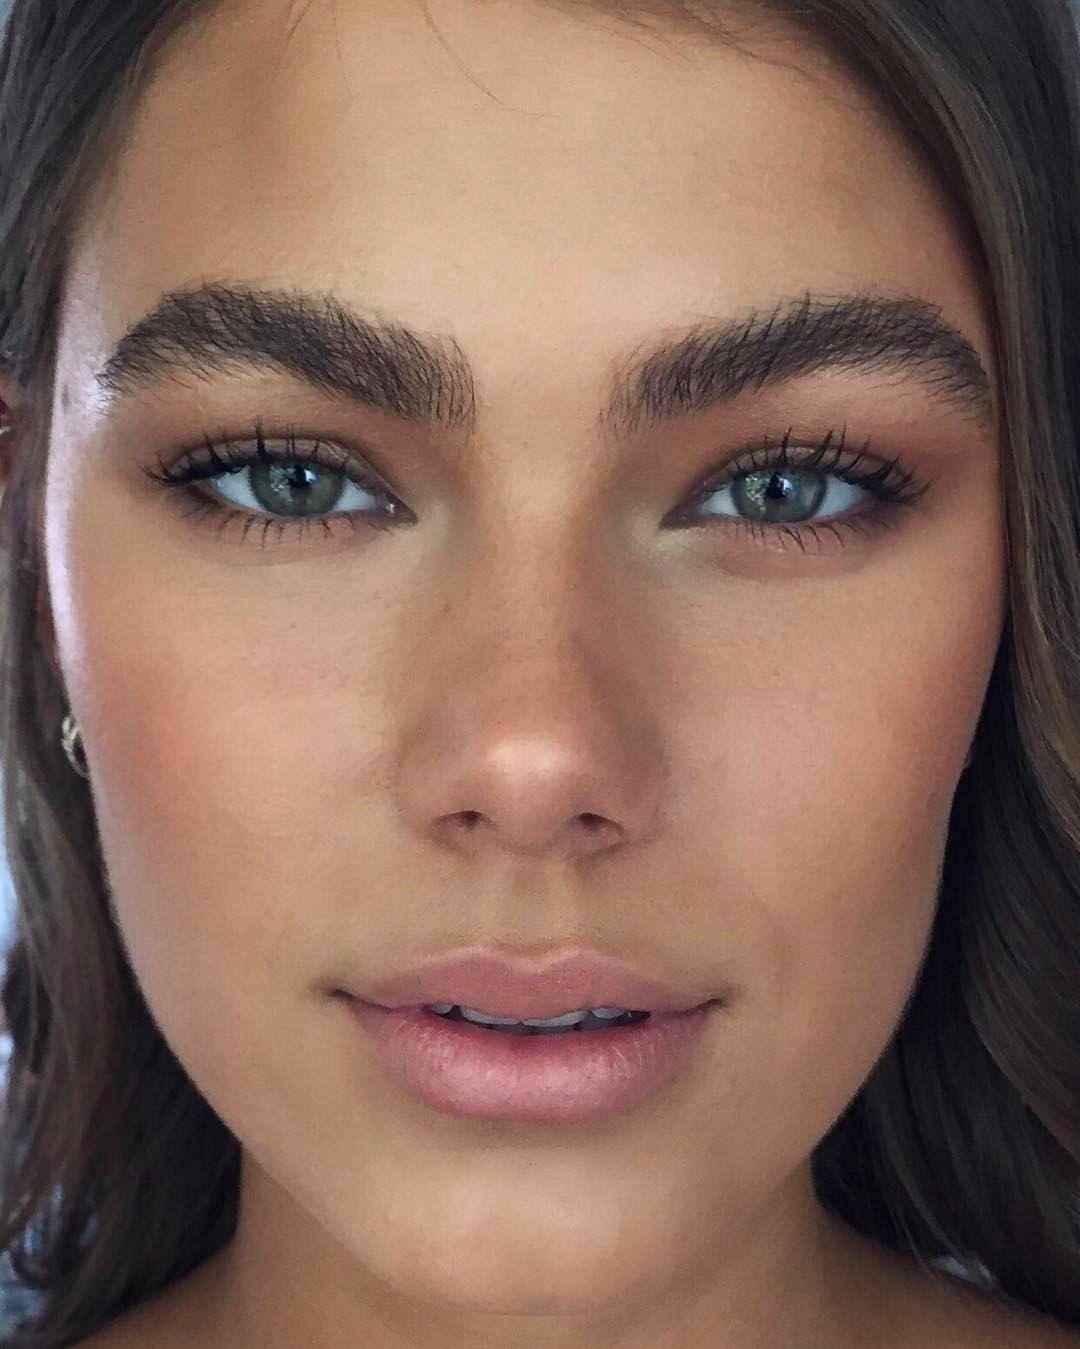 Eyebrows On Point Makeup Ideas Pinterest Makeup Eyebrow